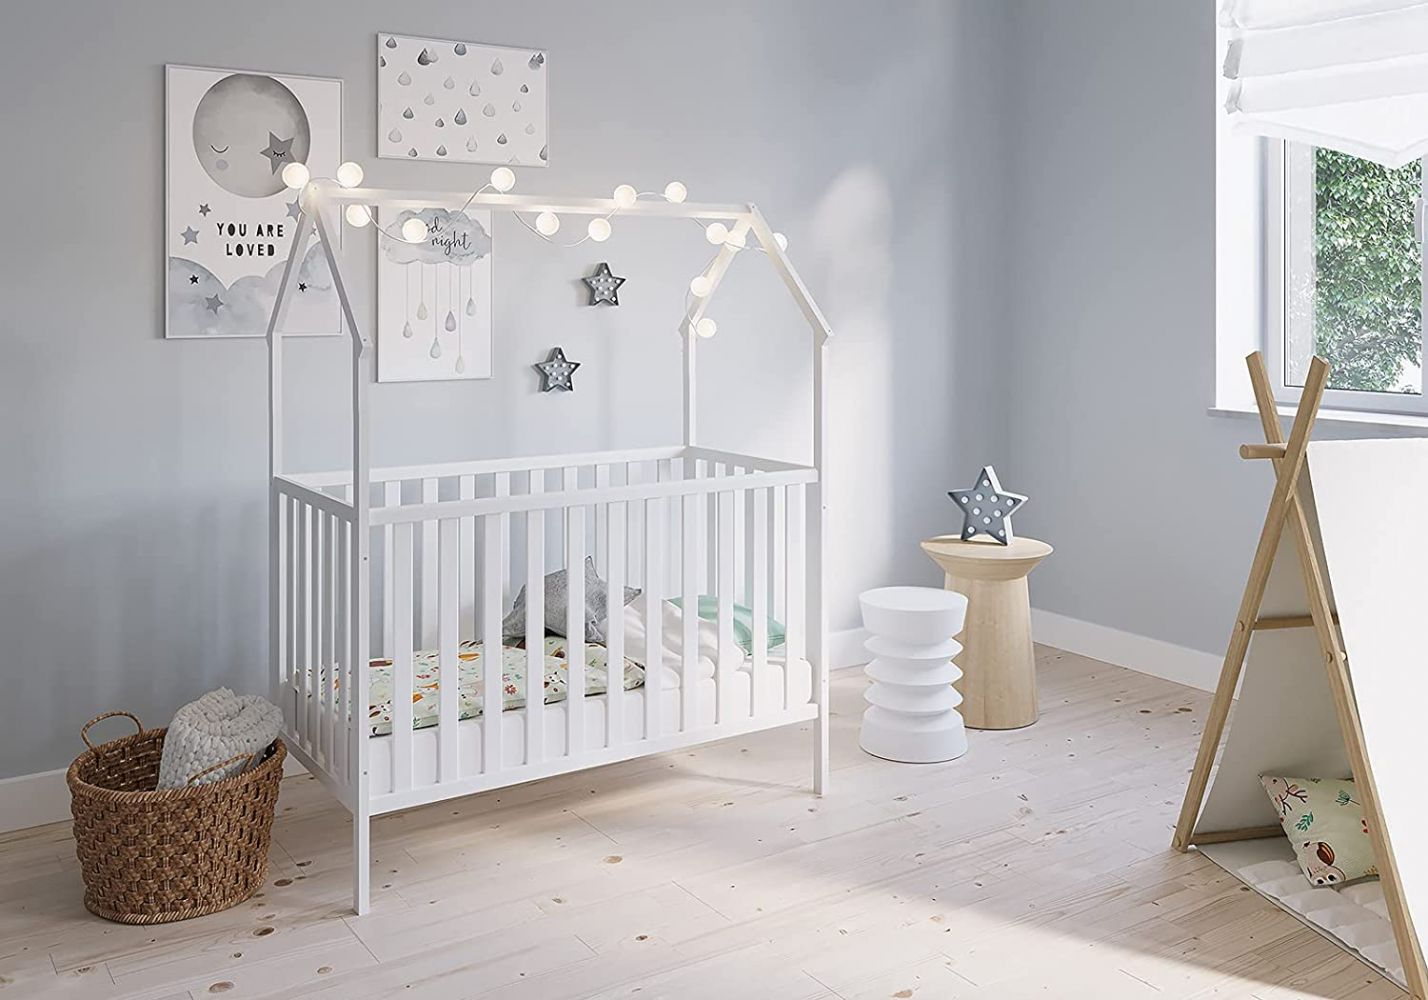 FabiMax 'Schlafmütze' Kinderbett, 60 x 120 cm, weiß, mit Matratze Comfort, Kiefer massiv, 3-fach höhenverstellbar, umbaubar Bild 1